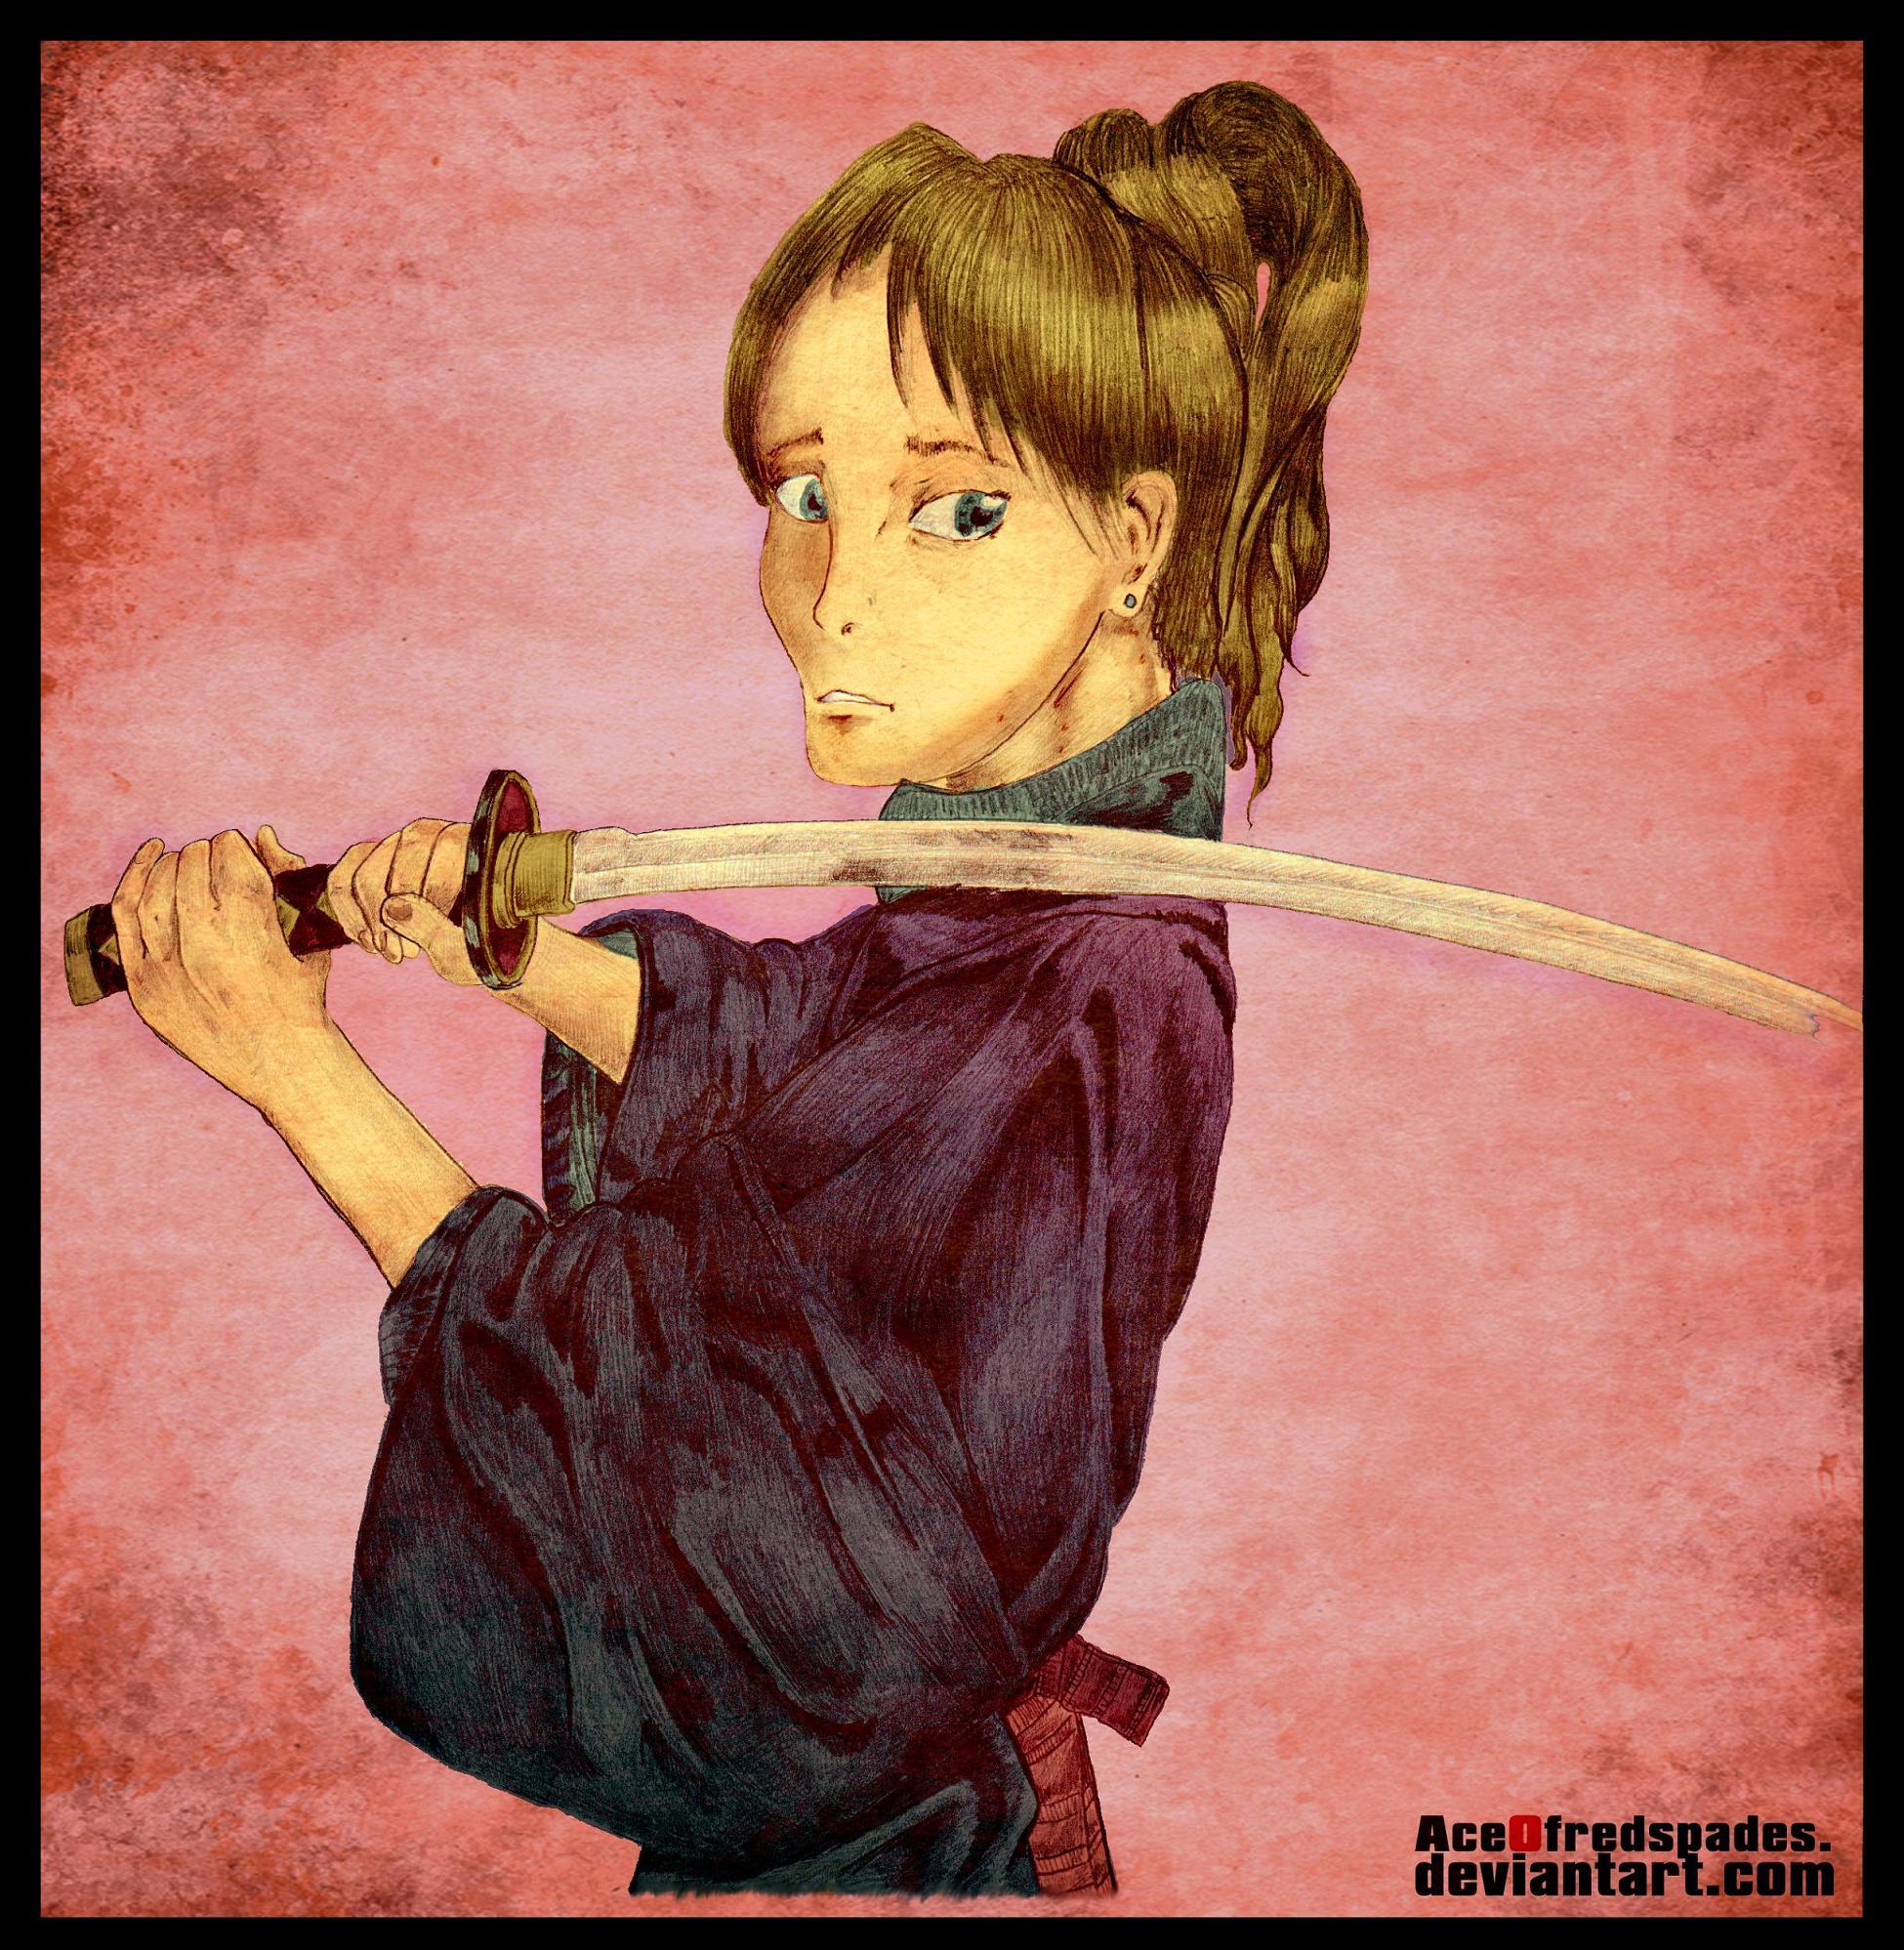 She samurai